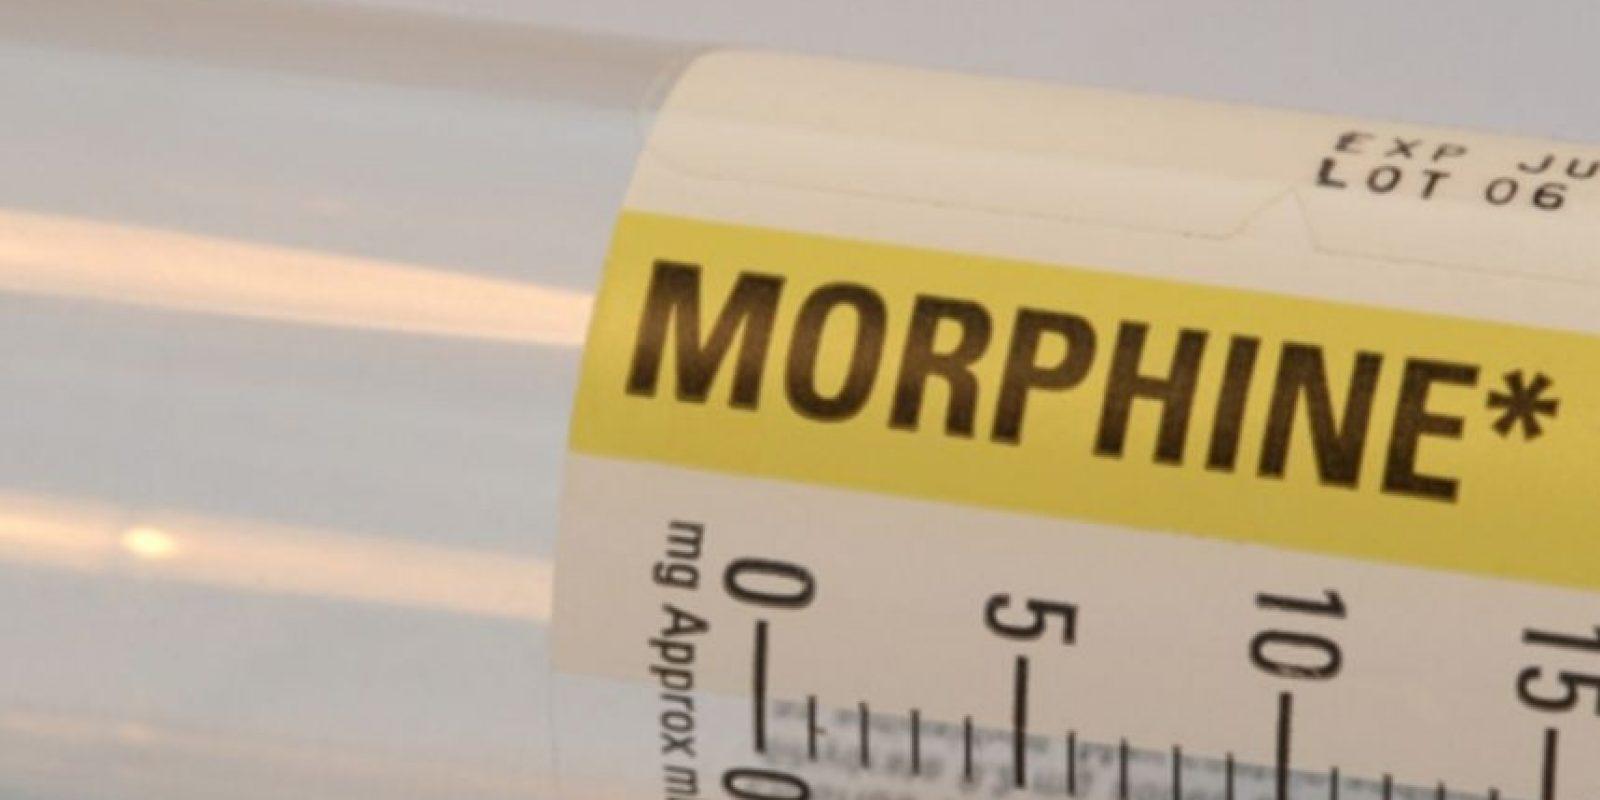 La morfina es una potente droga opiácea usada frecuentemente en medicina como analgésico. Foto:Wikipedia